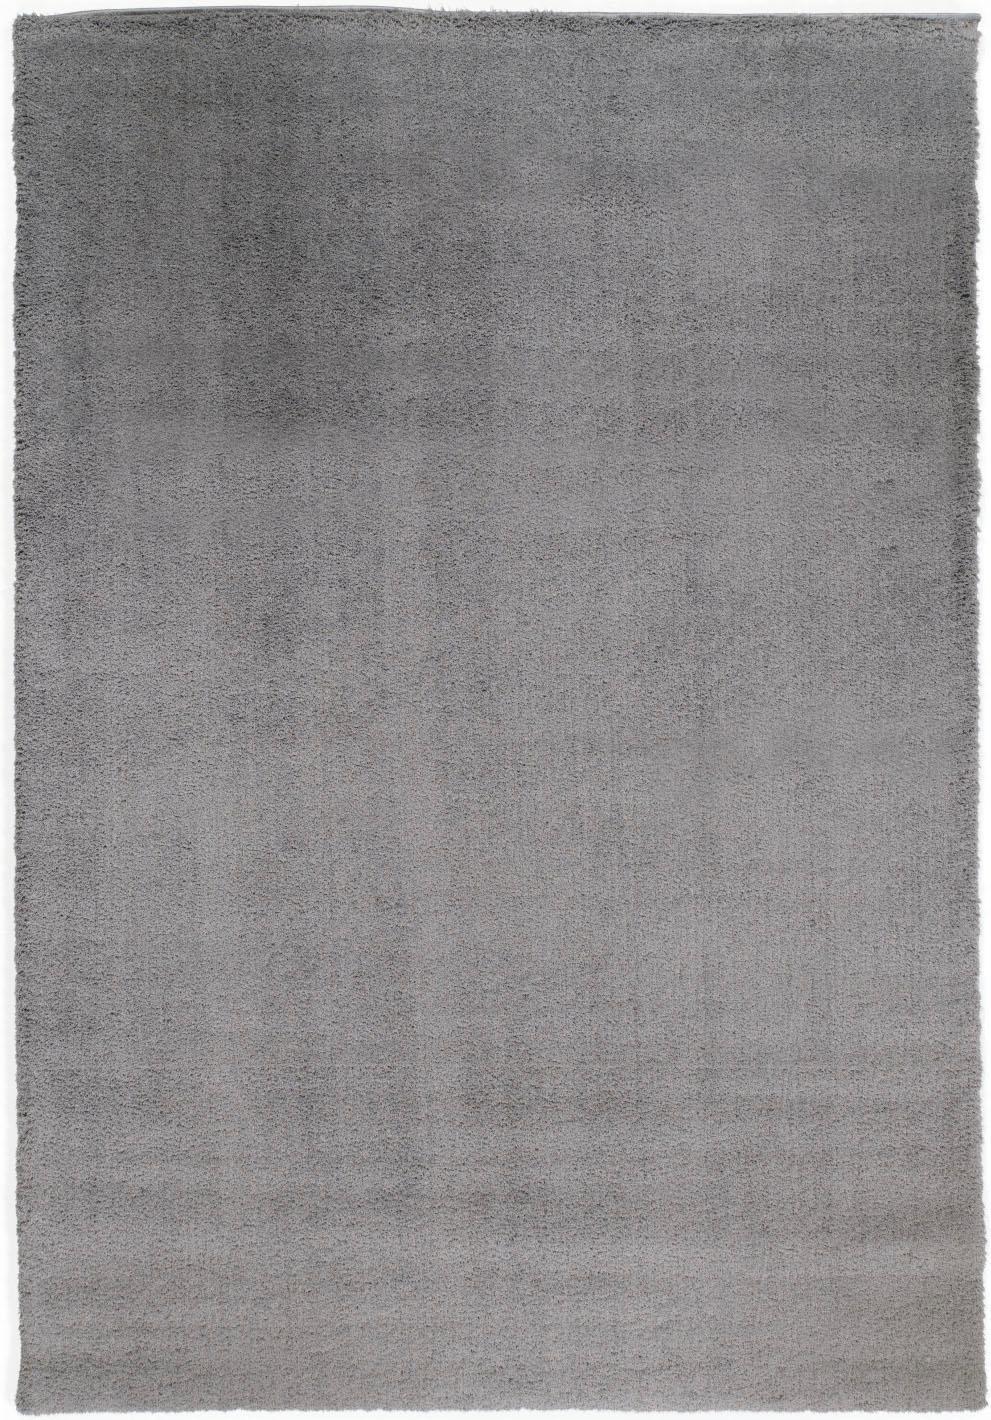 Hochflor-Teppich, Soft Dream, OCI DIE TEPPICHMARKE, rechteckig, Höhe 30 mm, maschinell gewebt | Heimtextilien > Teppiche > Hochflorteppiche | Oci Die Teppichmarke